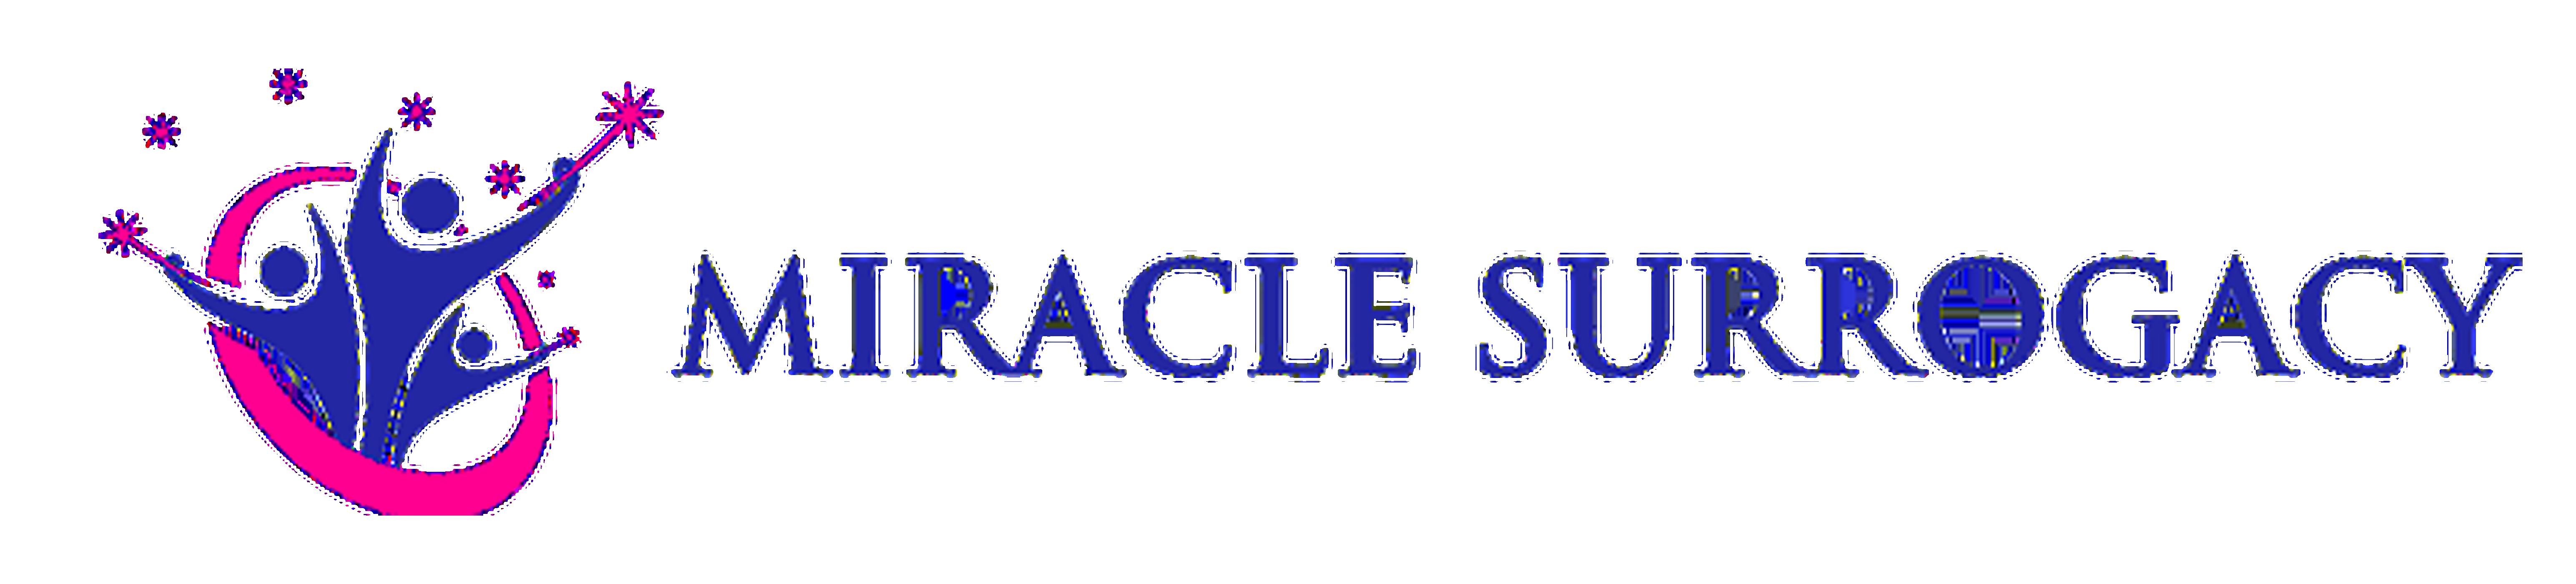 Miracle Surrogacy